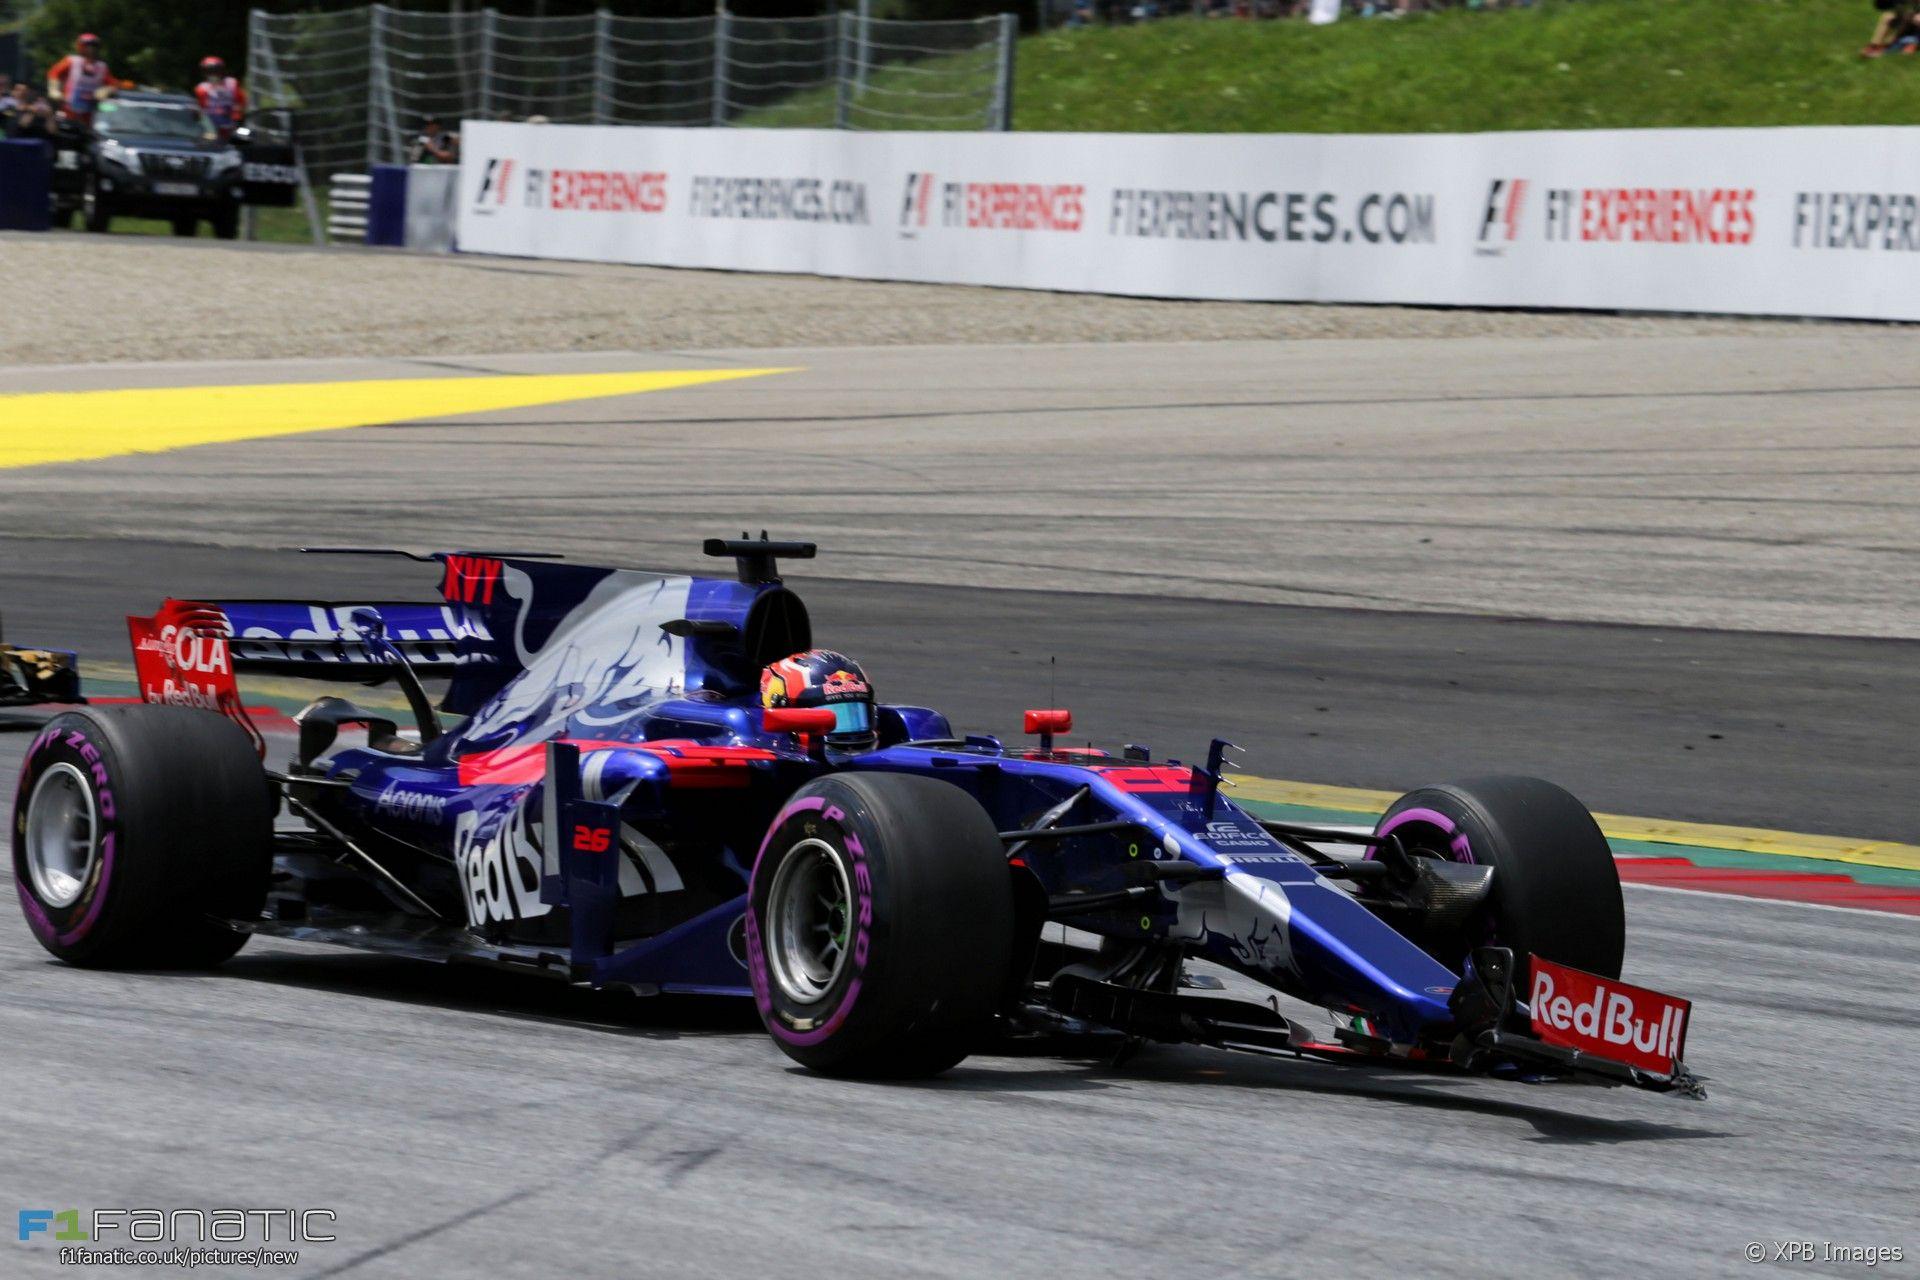 2017 Toro Rosso STR12 No Longer Looks Like A Red Bull